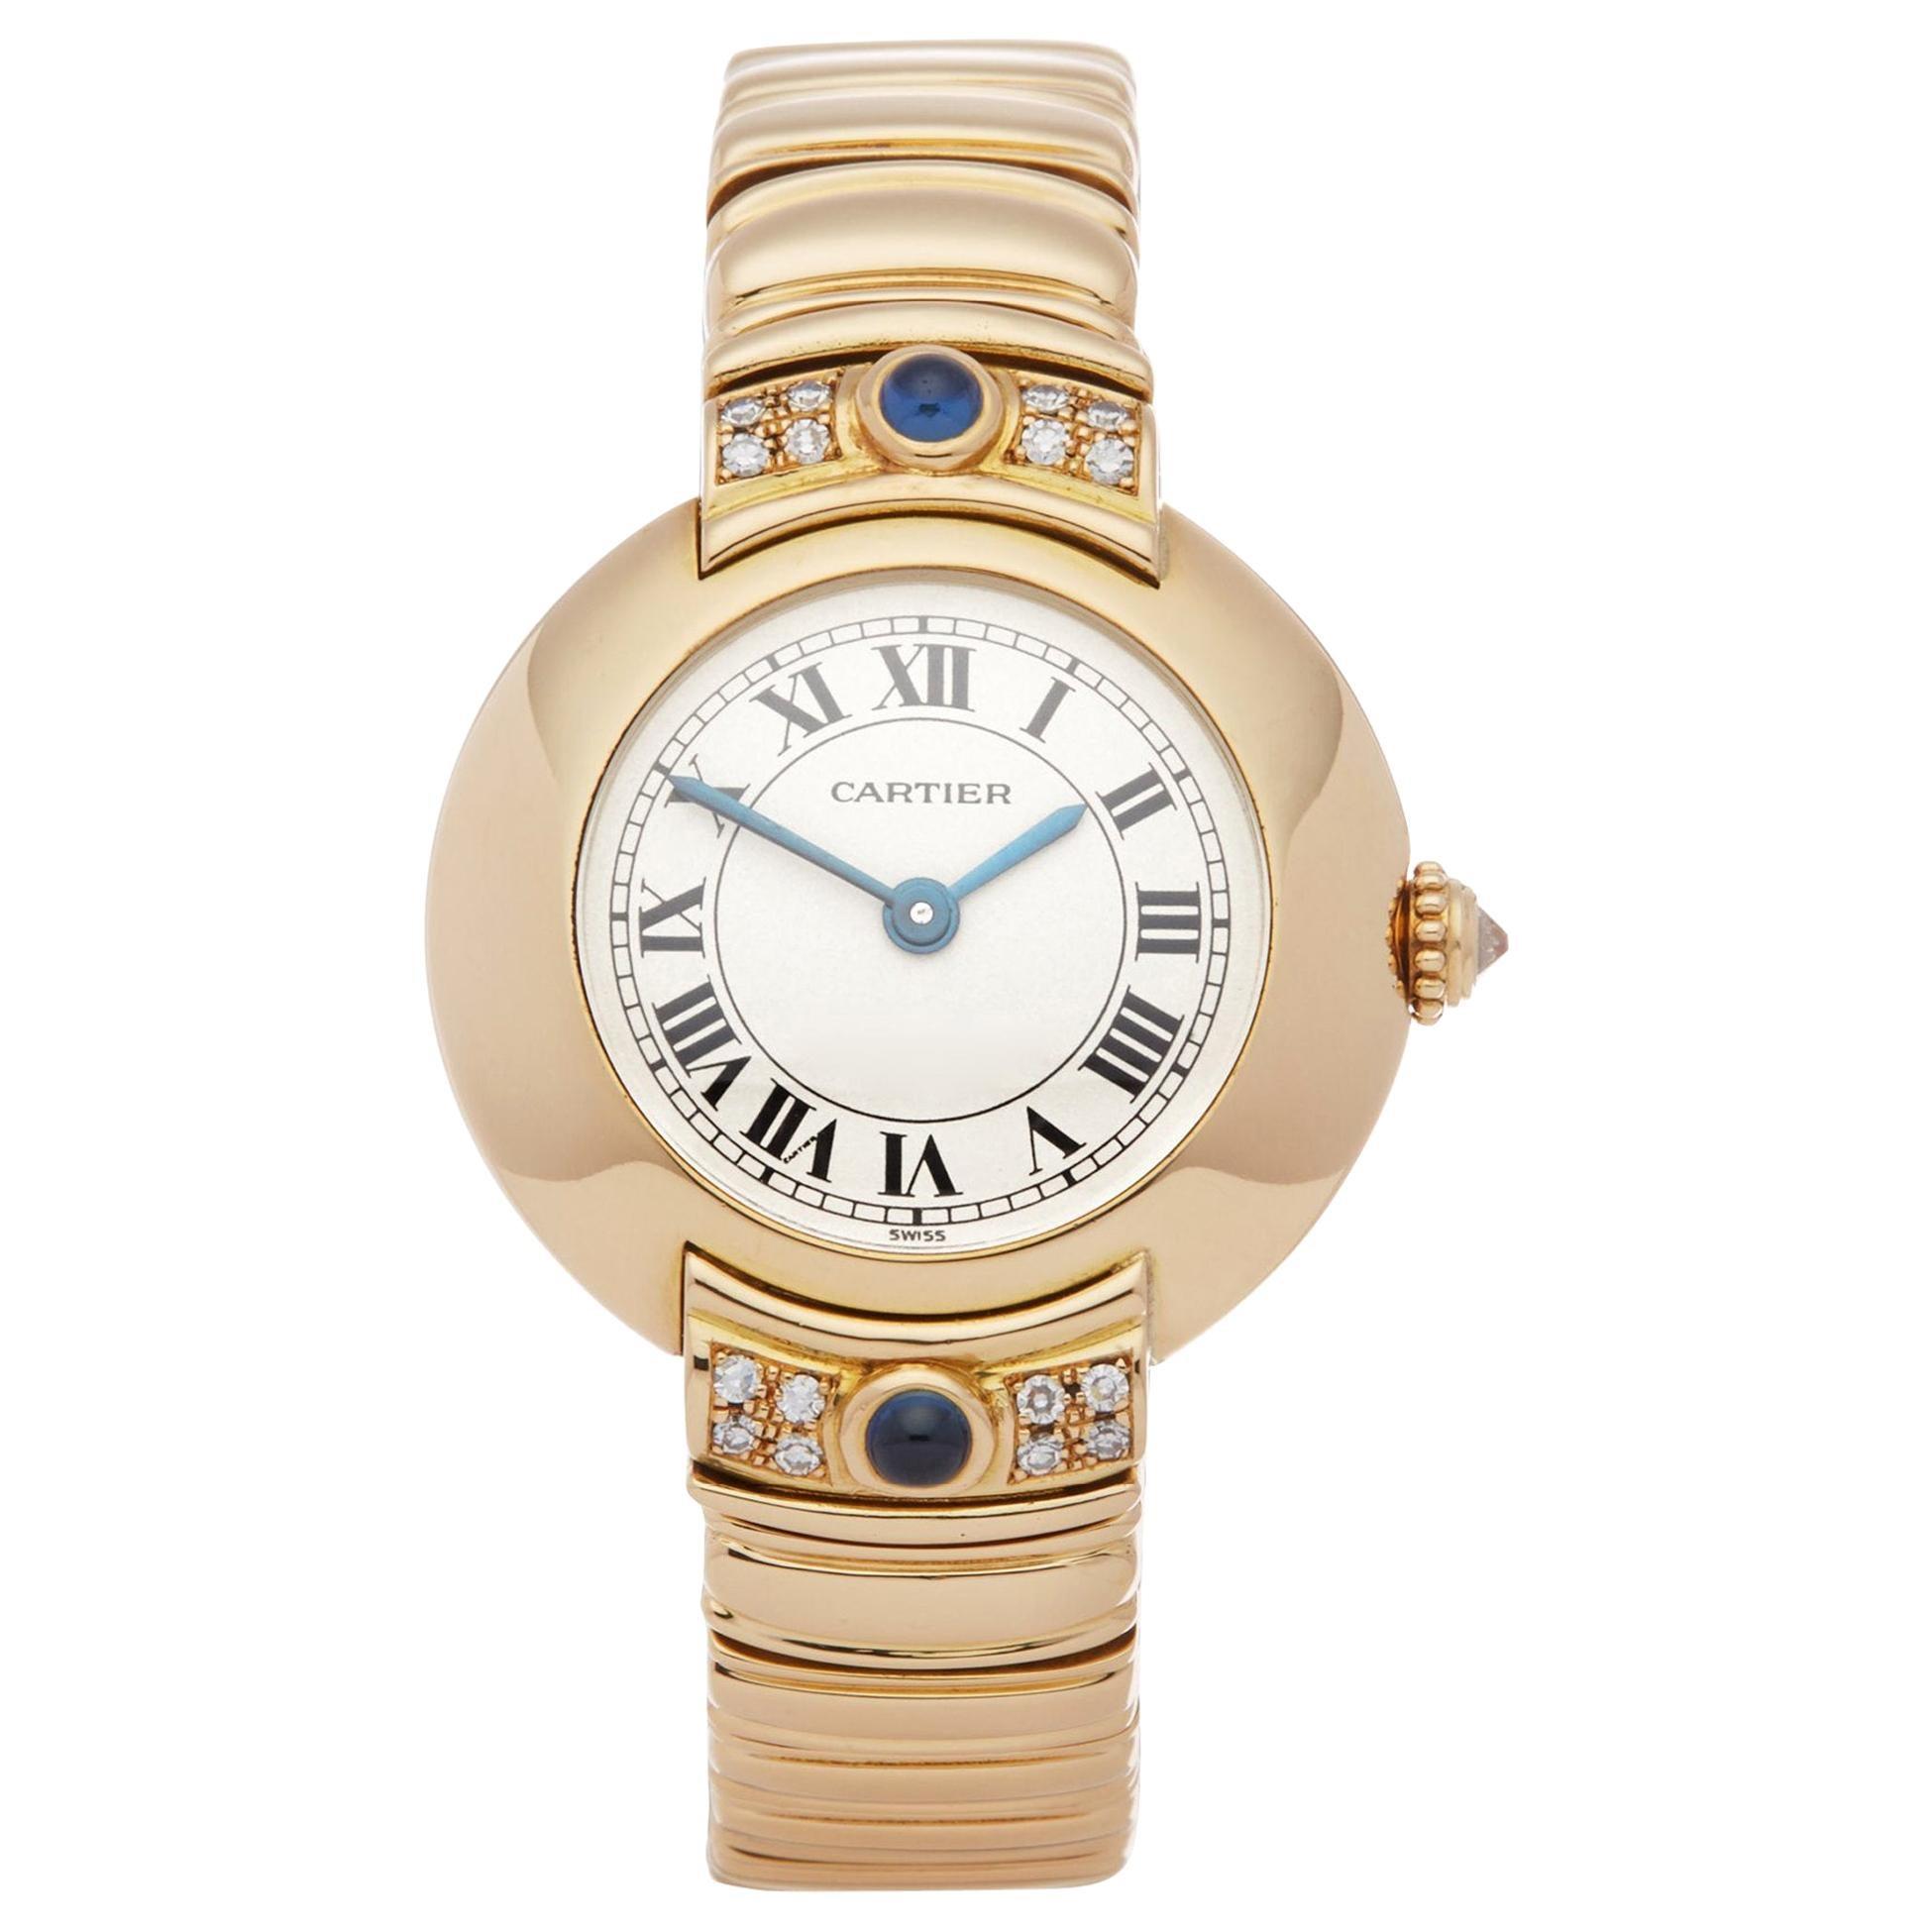 Cartier Vendome 878999 Ladies Yellow Gold Paris Mecanique Diamond Watch